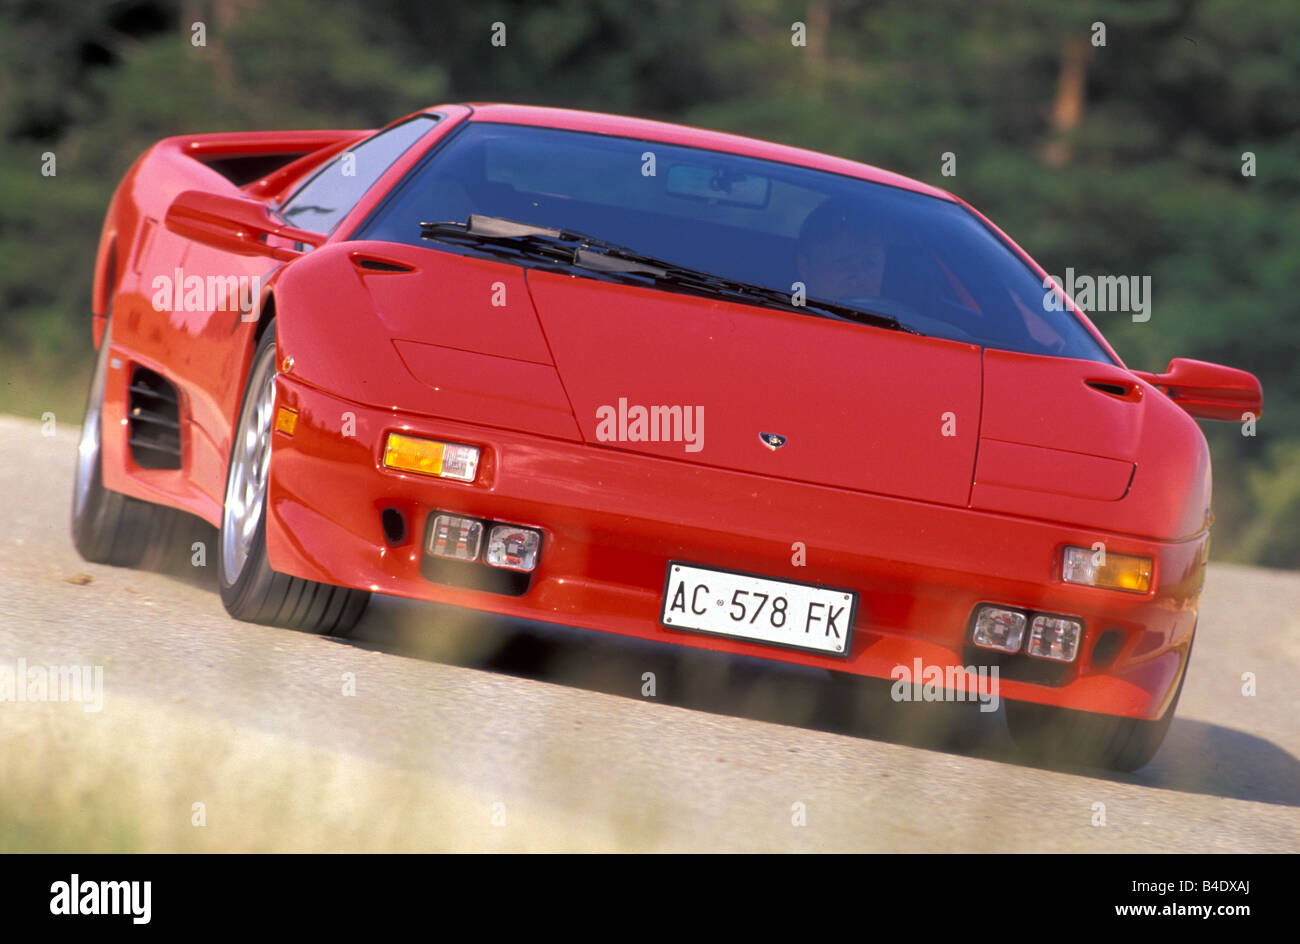 http://c8.alamy.com/comp/B4DXAJ/car-lamborghini-diablo-vt-coupe-coupe-roadster-red-model-year-1995-B4DXAJ.jpg